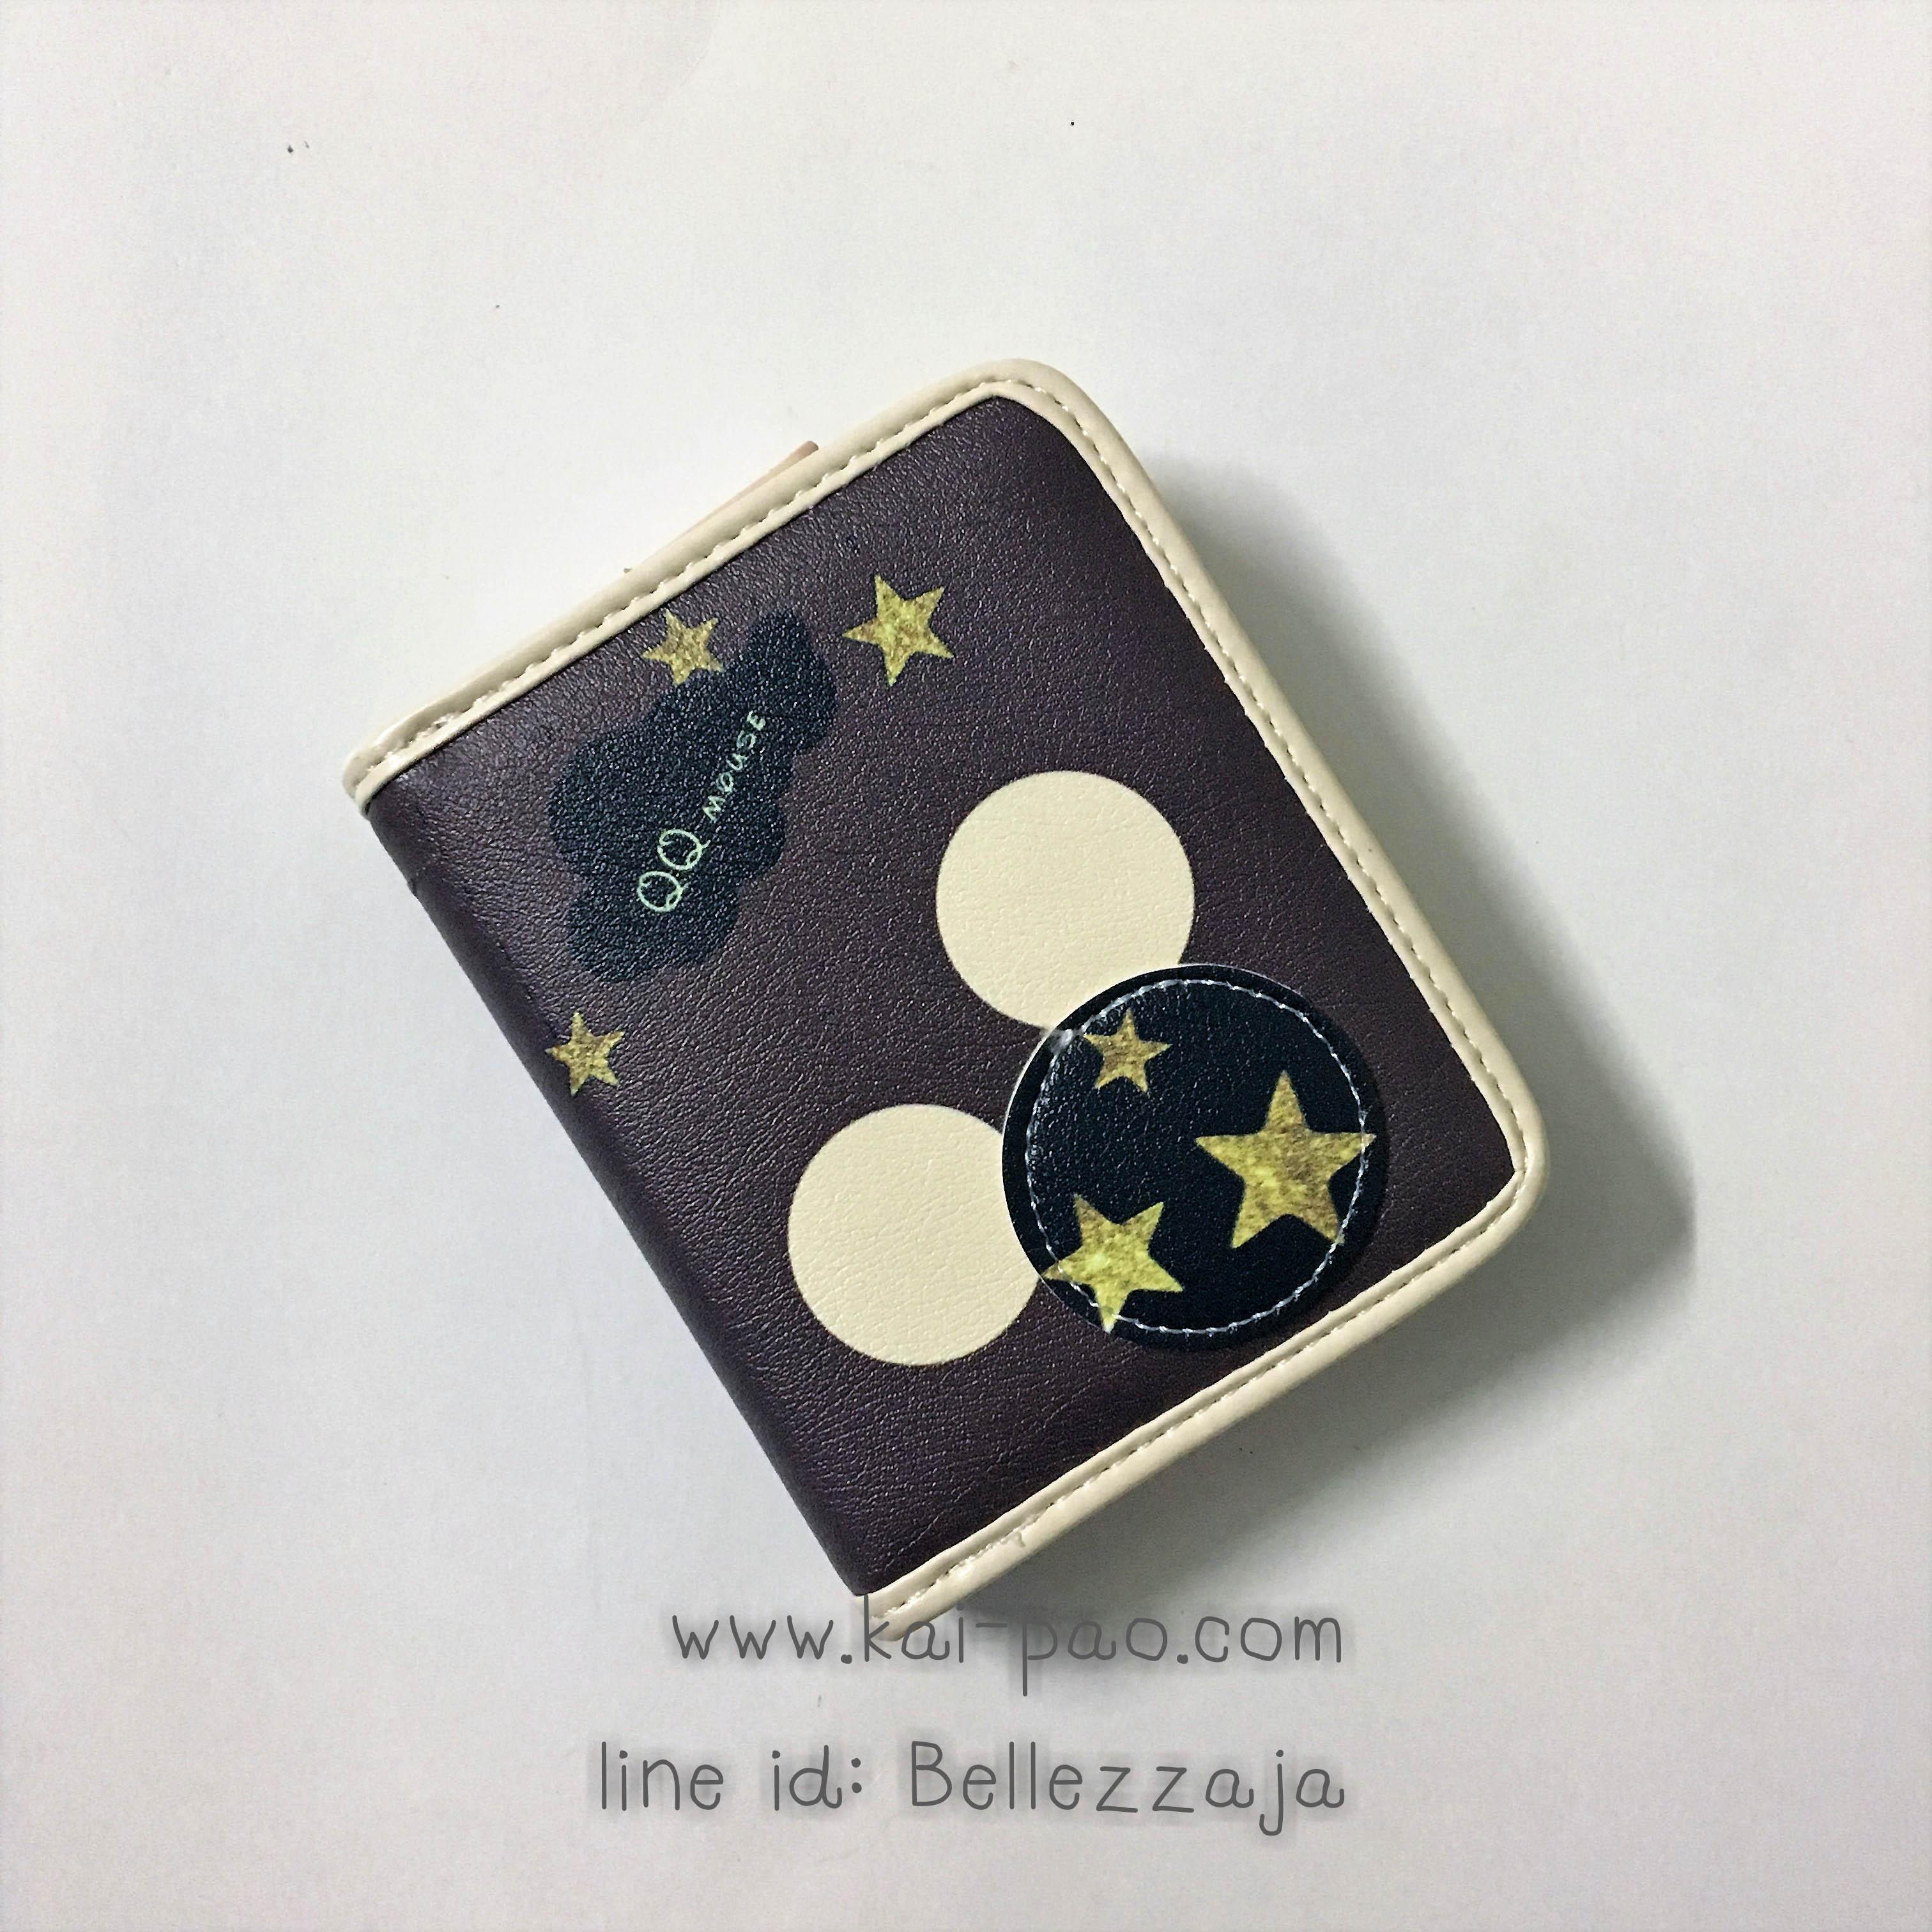 กระเป๋าสตางค์ใบสั้น QQ Mouse สีดำ ขนาด 2 พับ